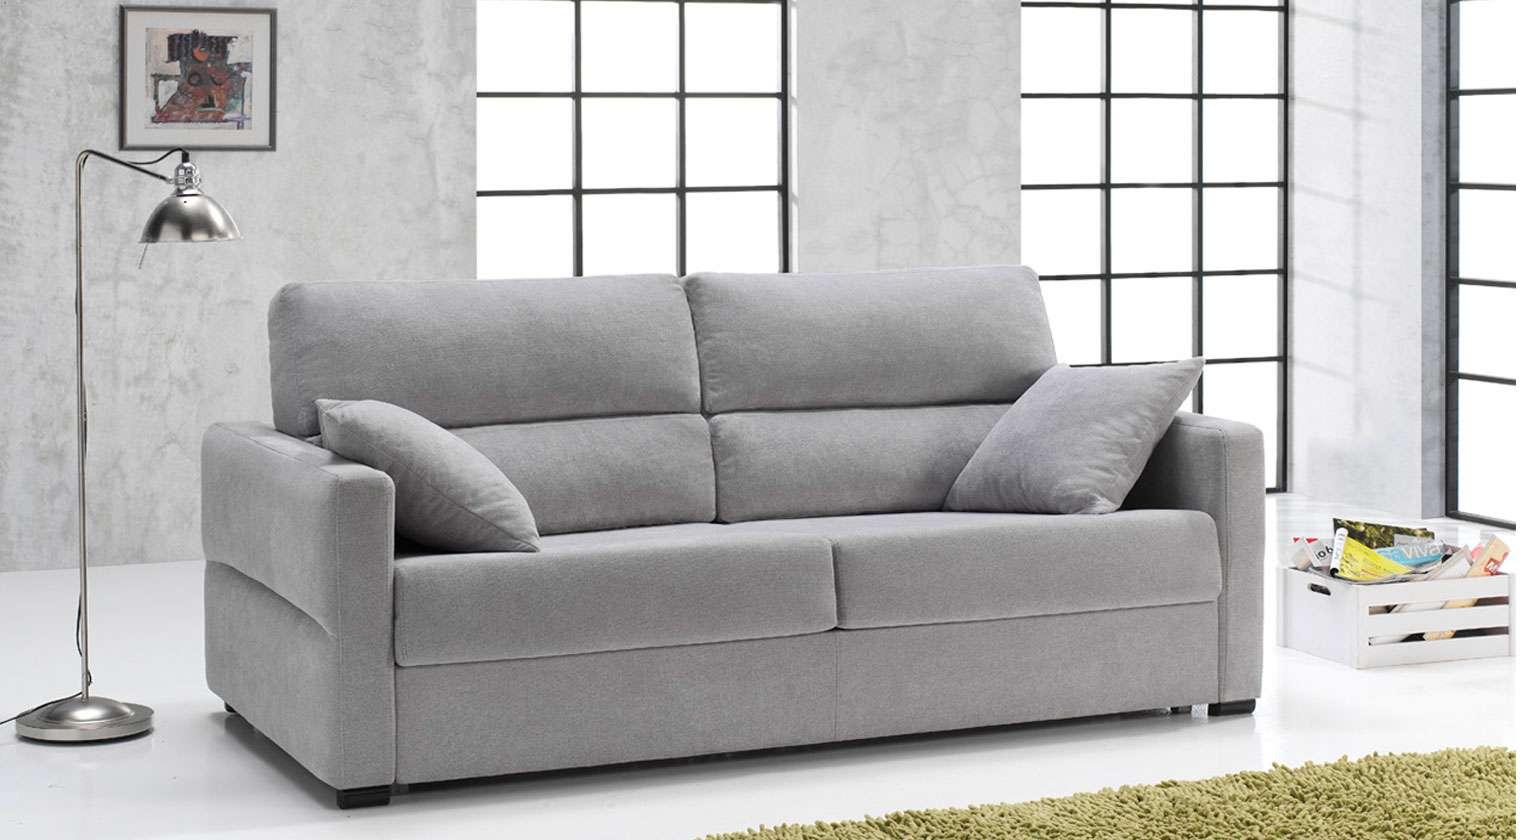 Sof cama vals sofas cama apertura italiana for Sofas cama apertura italiana precios